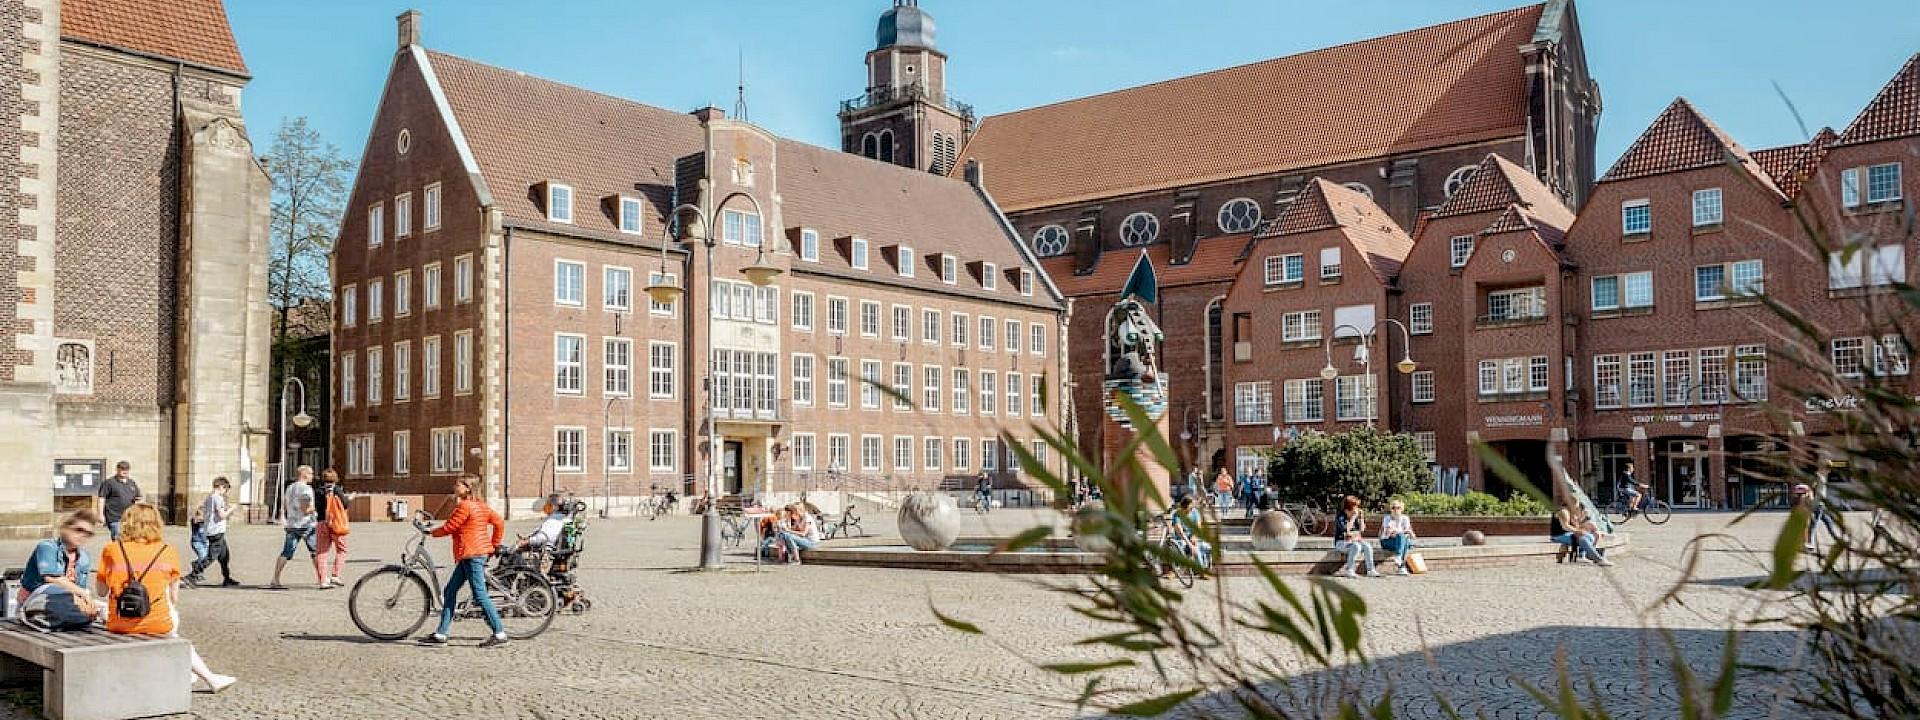 Kultur und Natur im Herzen des Münsterlandes Coesfeld